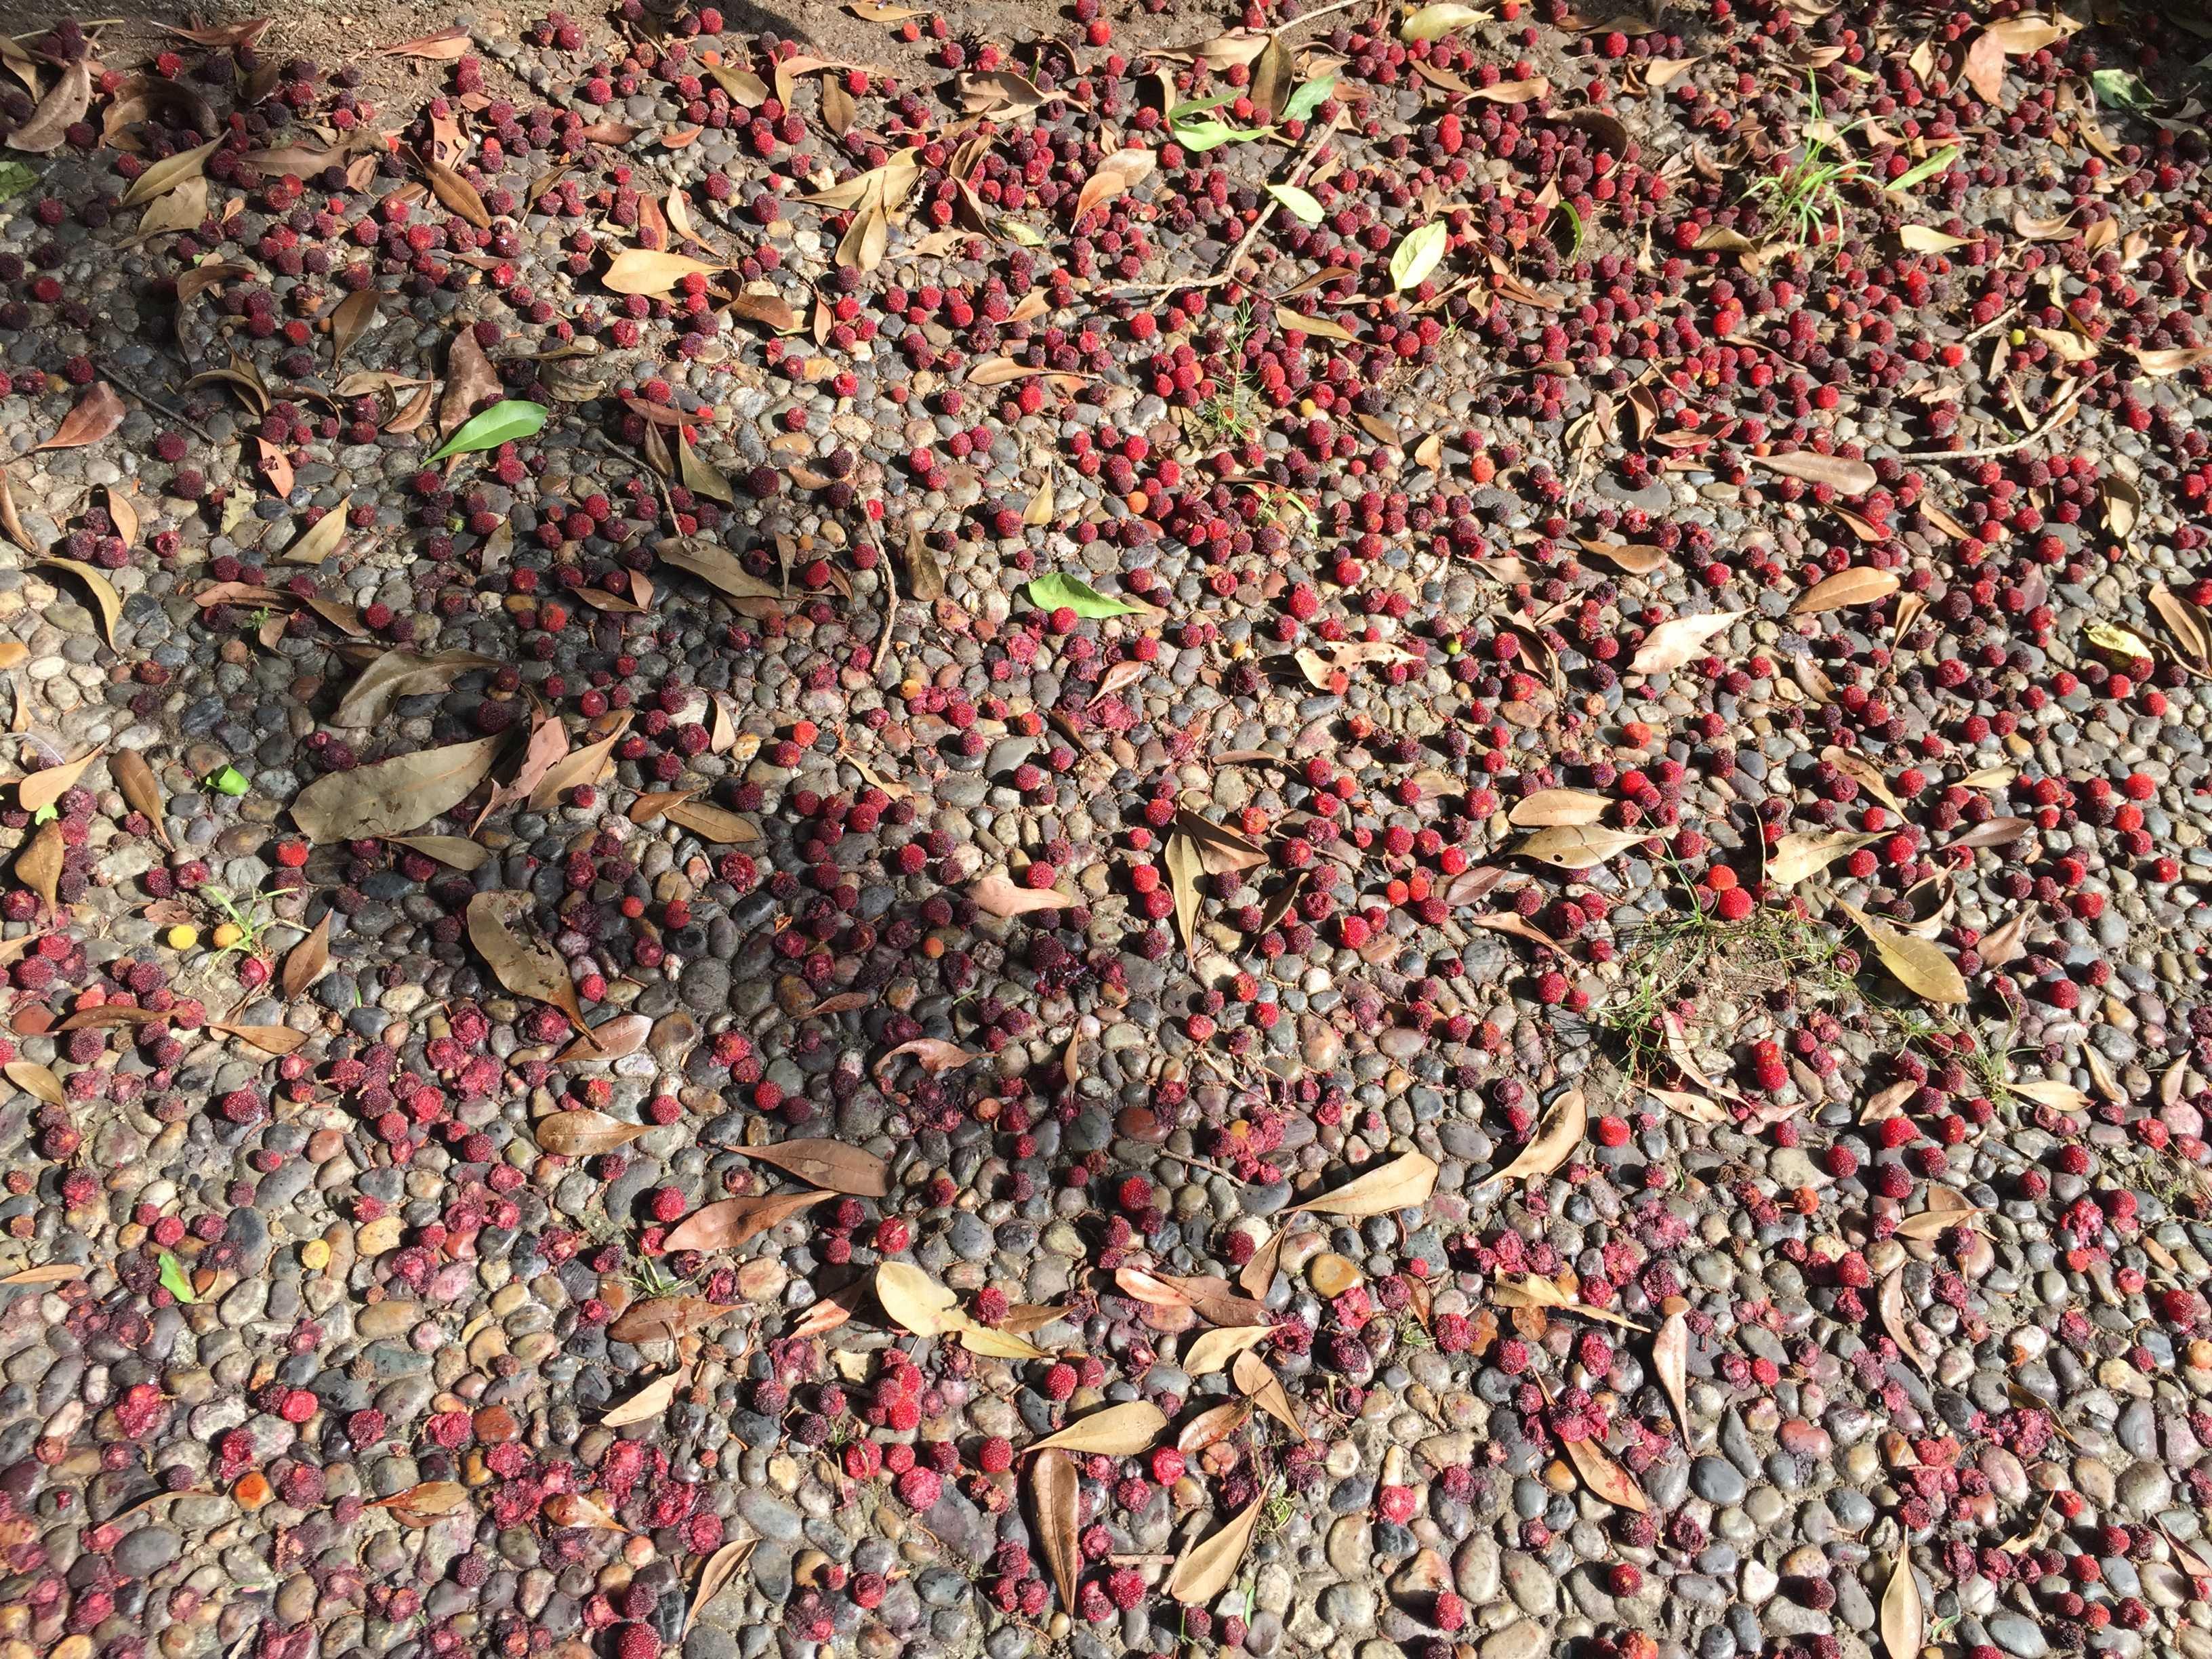 多摩ニュータウンに落ちていた赤い木の実